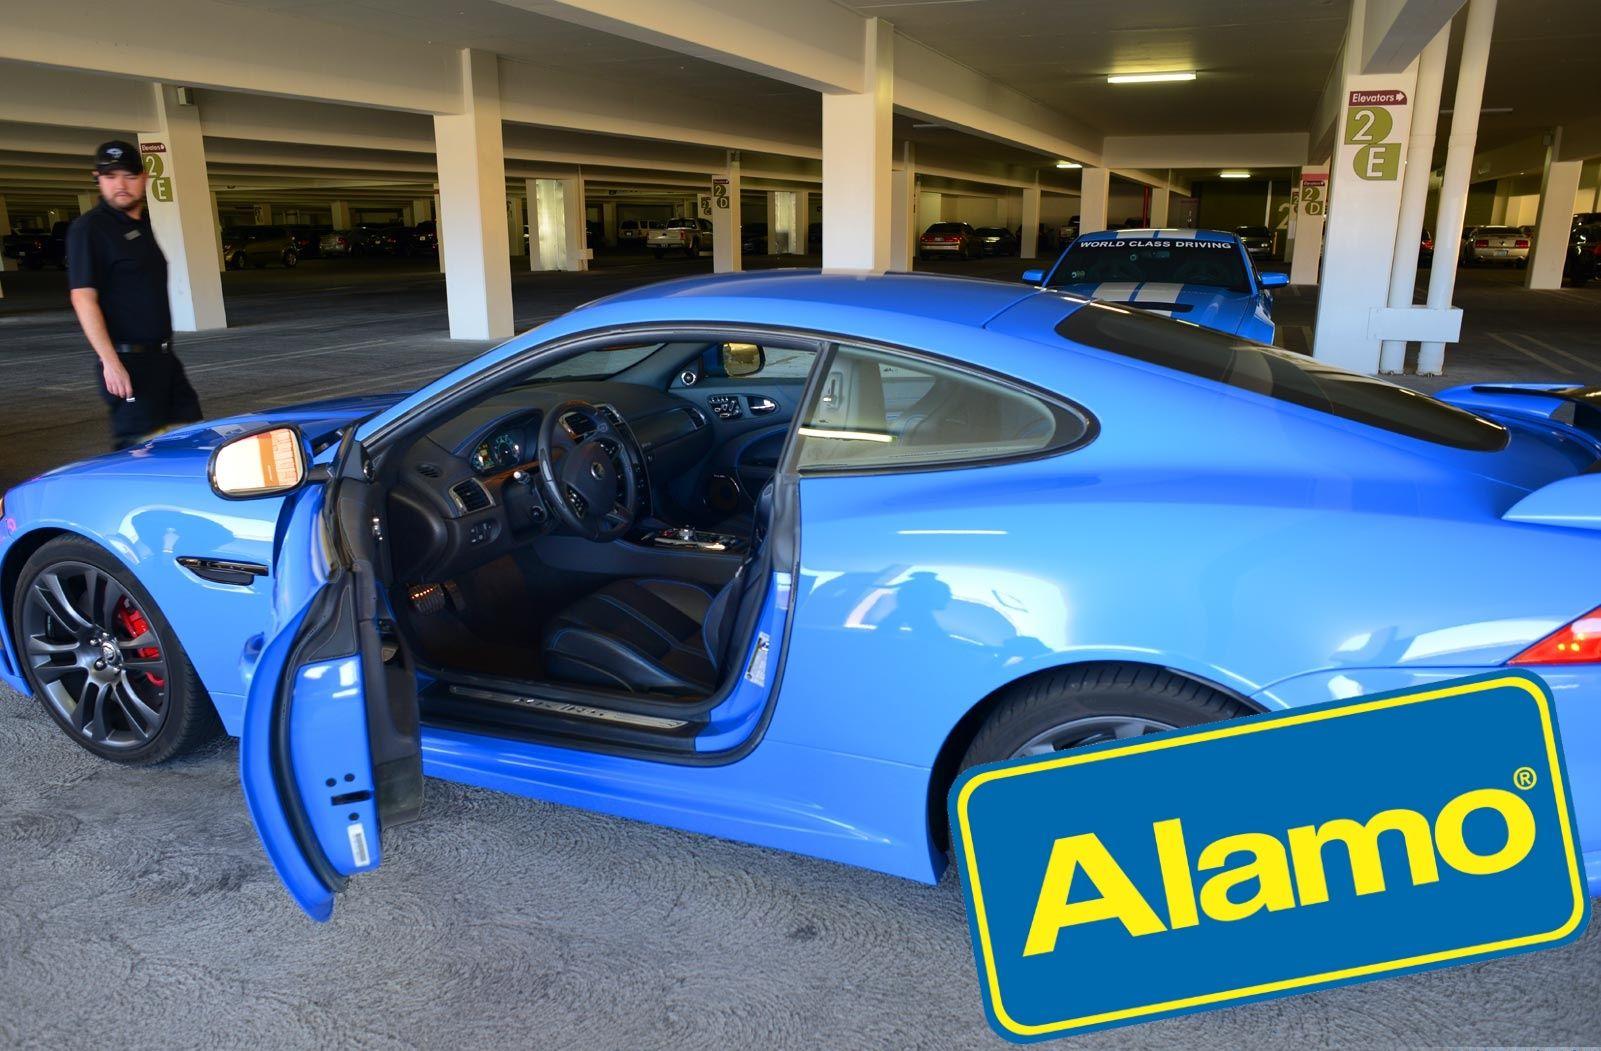 Alamo coupons online - Alamo Car Rental Coupons Saving Money On Vehicle Hire